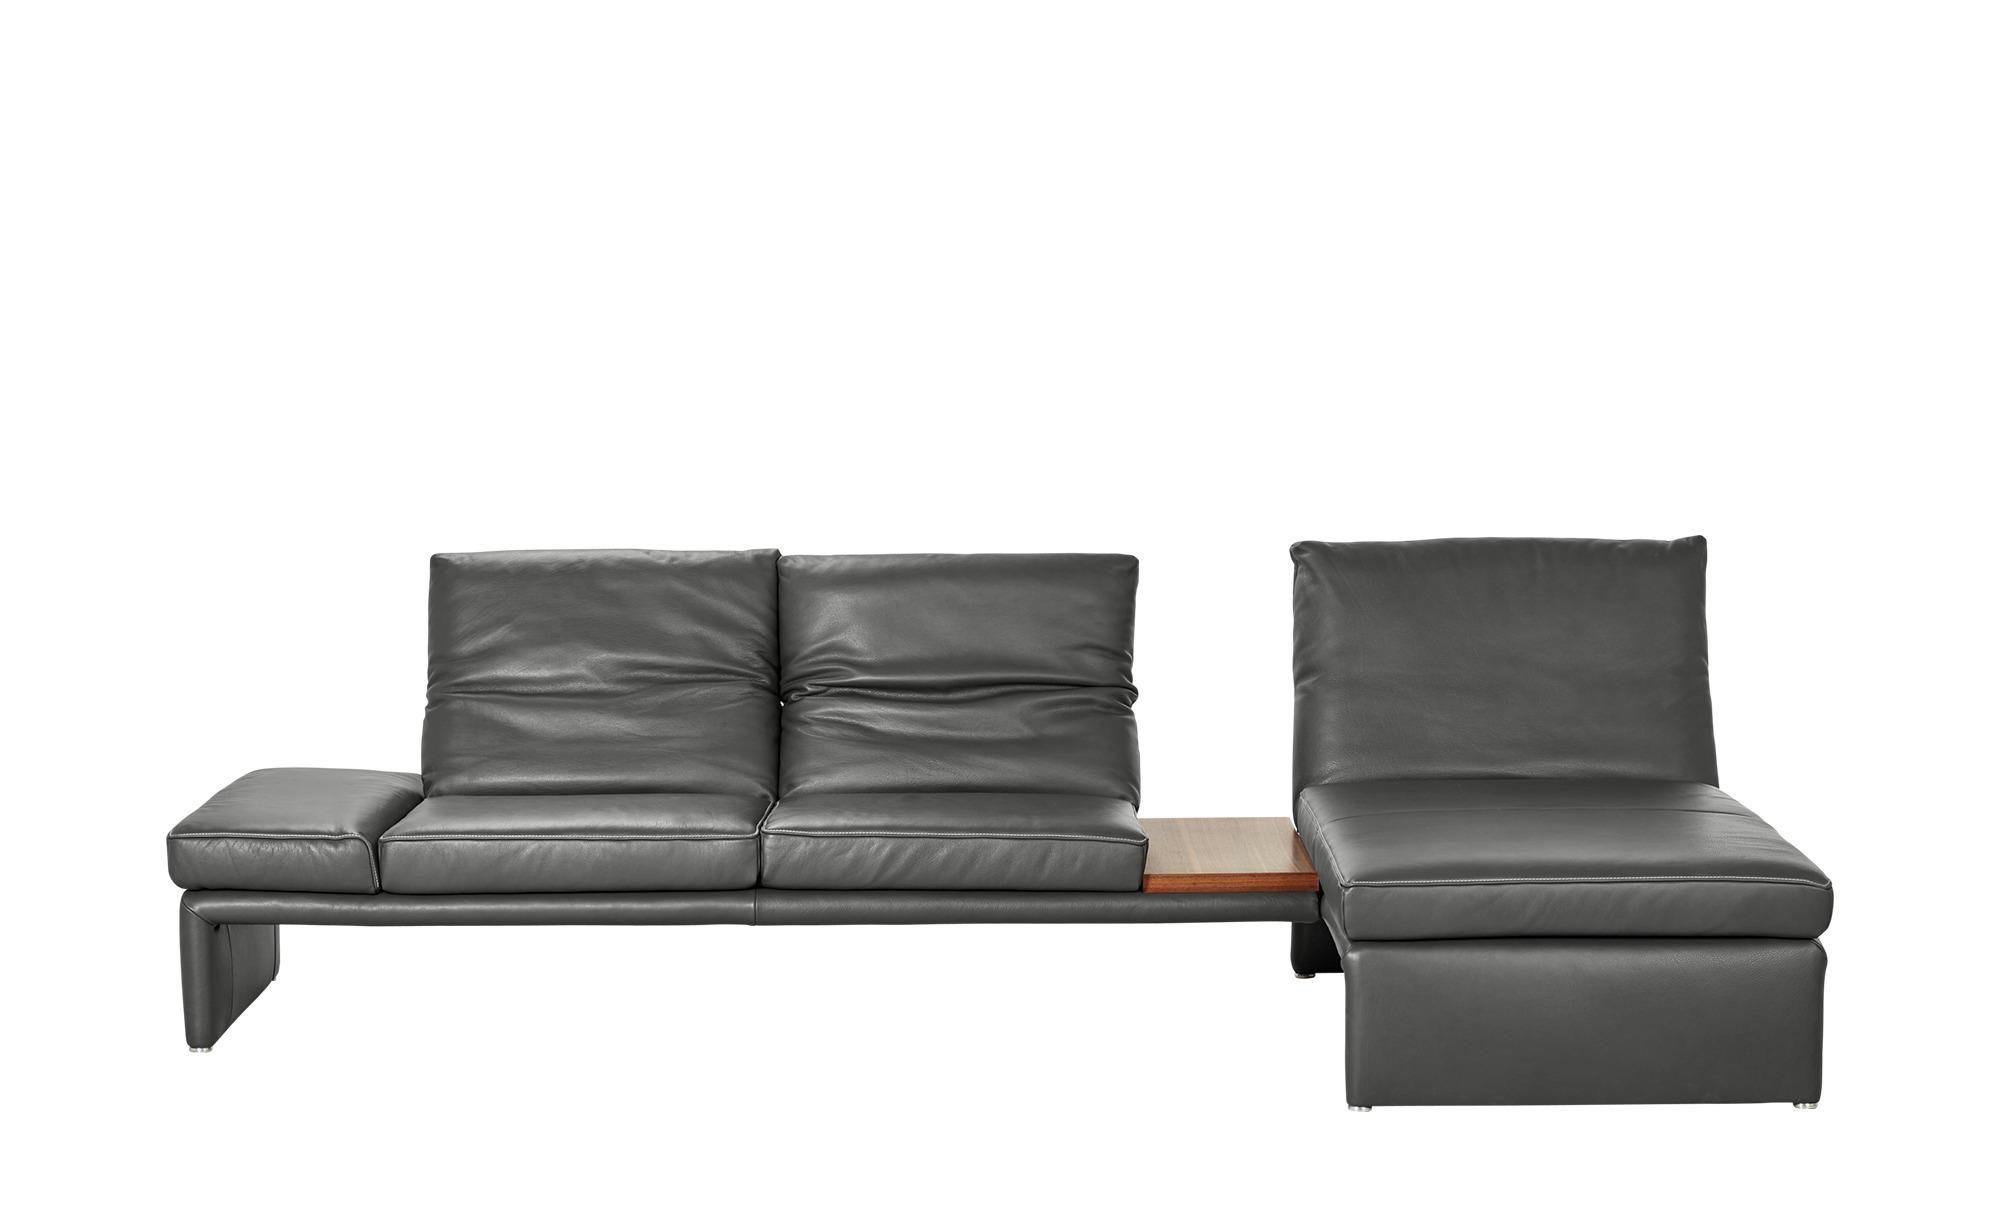 KOINOR Design-Couch mit Ablagefläche  Raoul ¦ grau ¦ Maße (cm): H: 99 Polstermöbel > Sofas > Ecksofas - Höffner